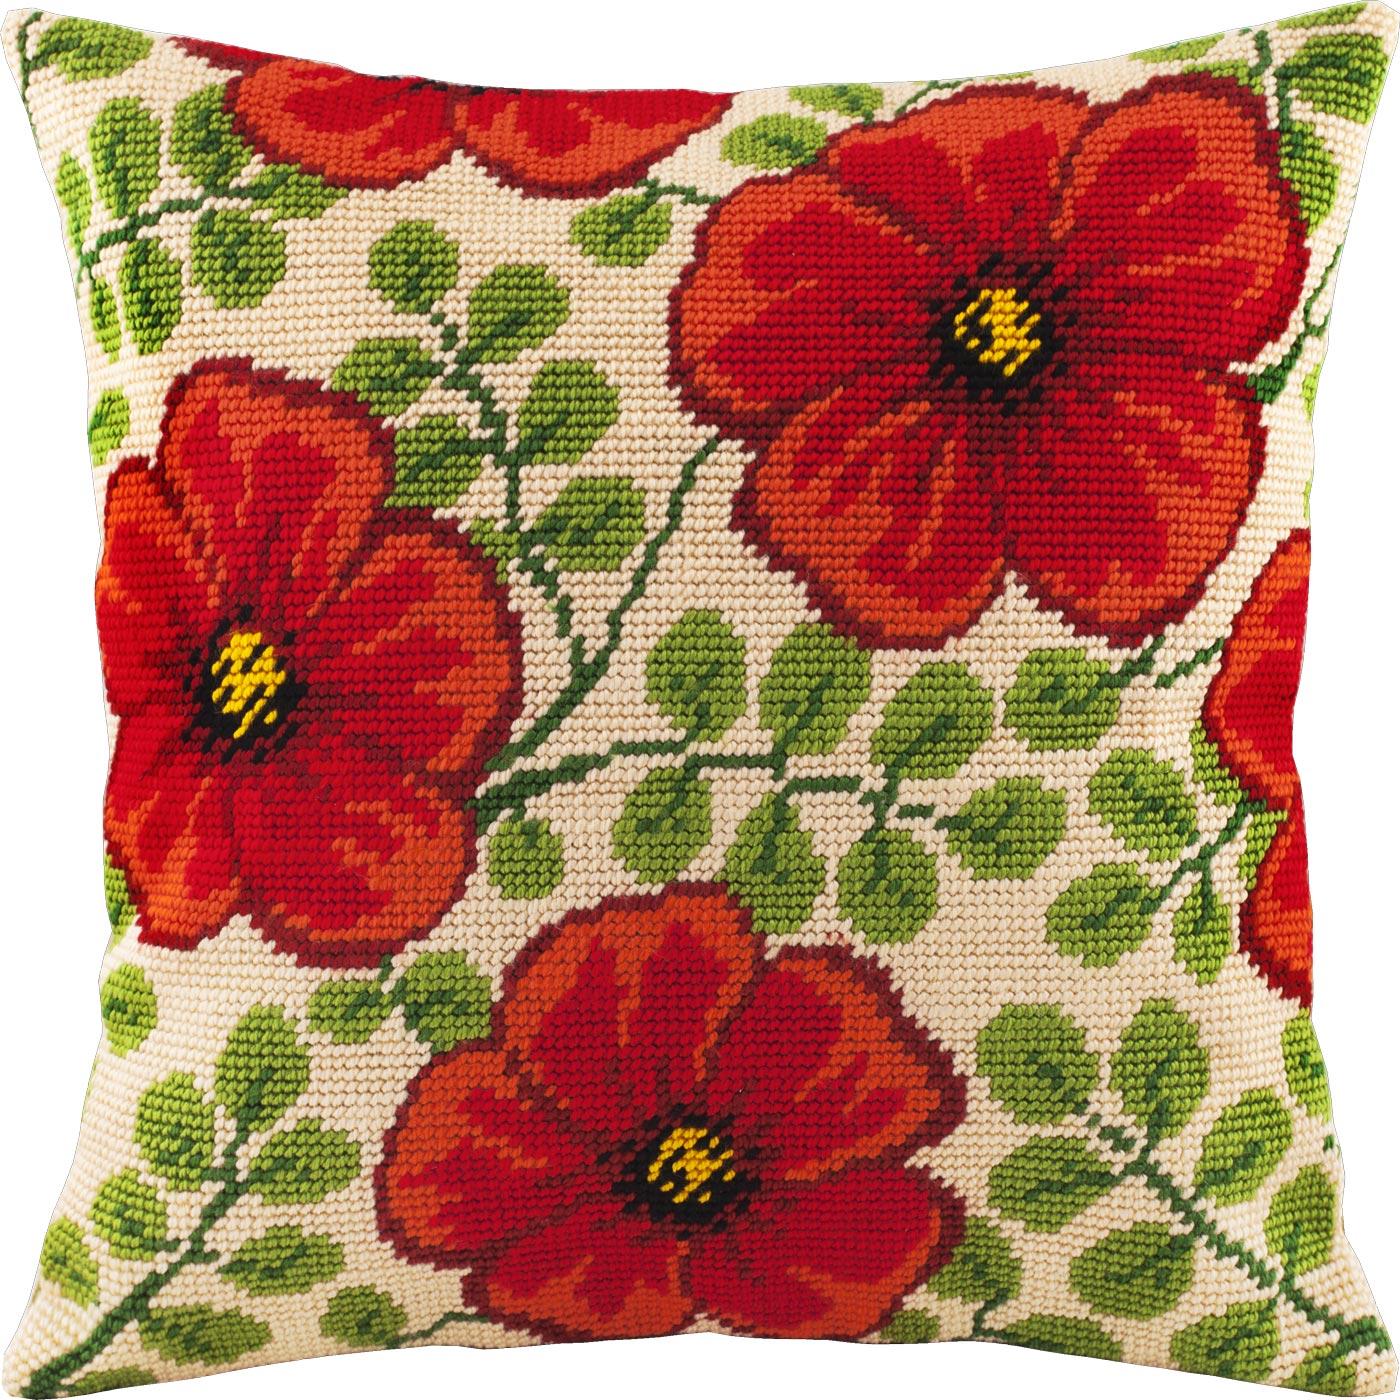 V98 — Червоні квіти